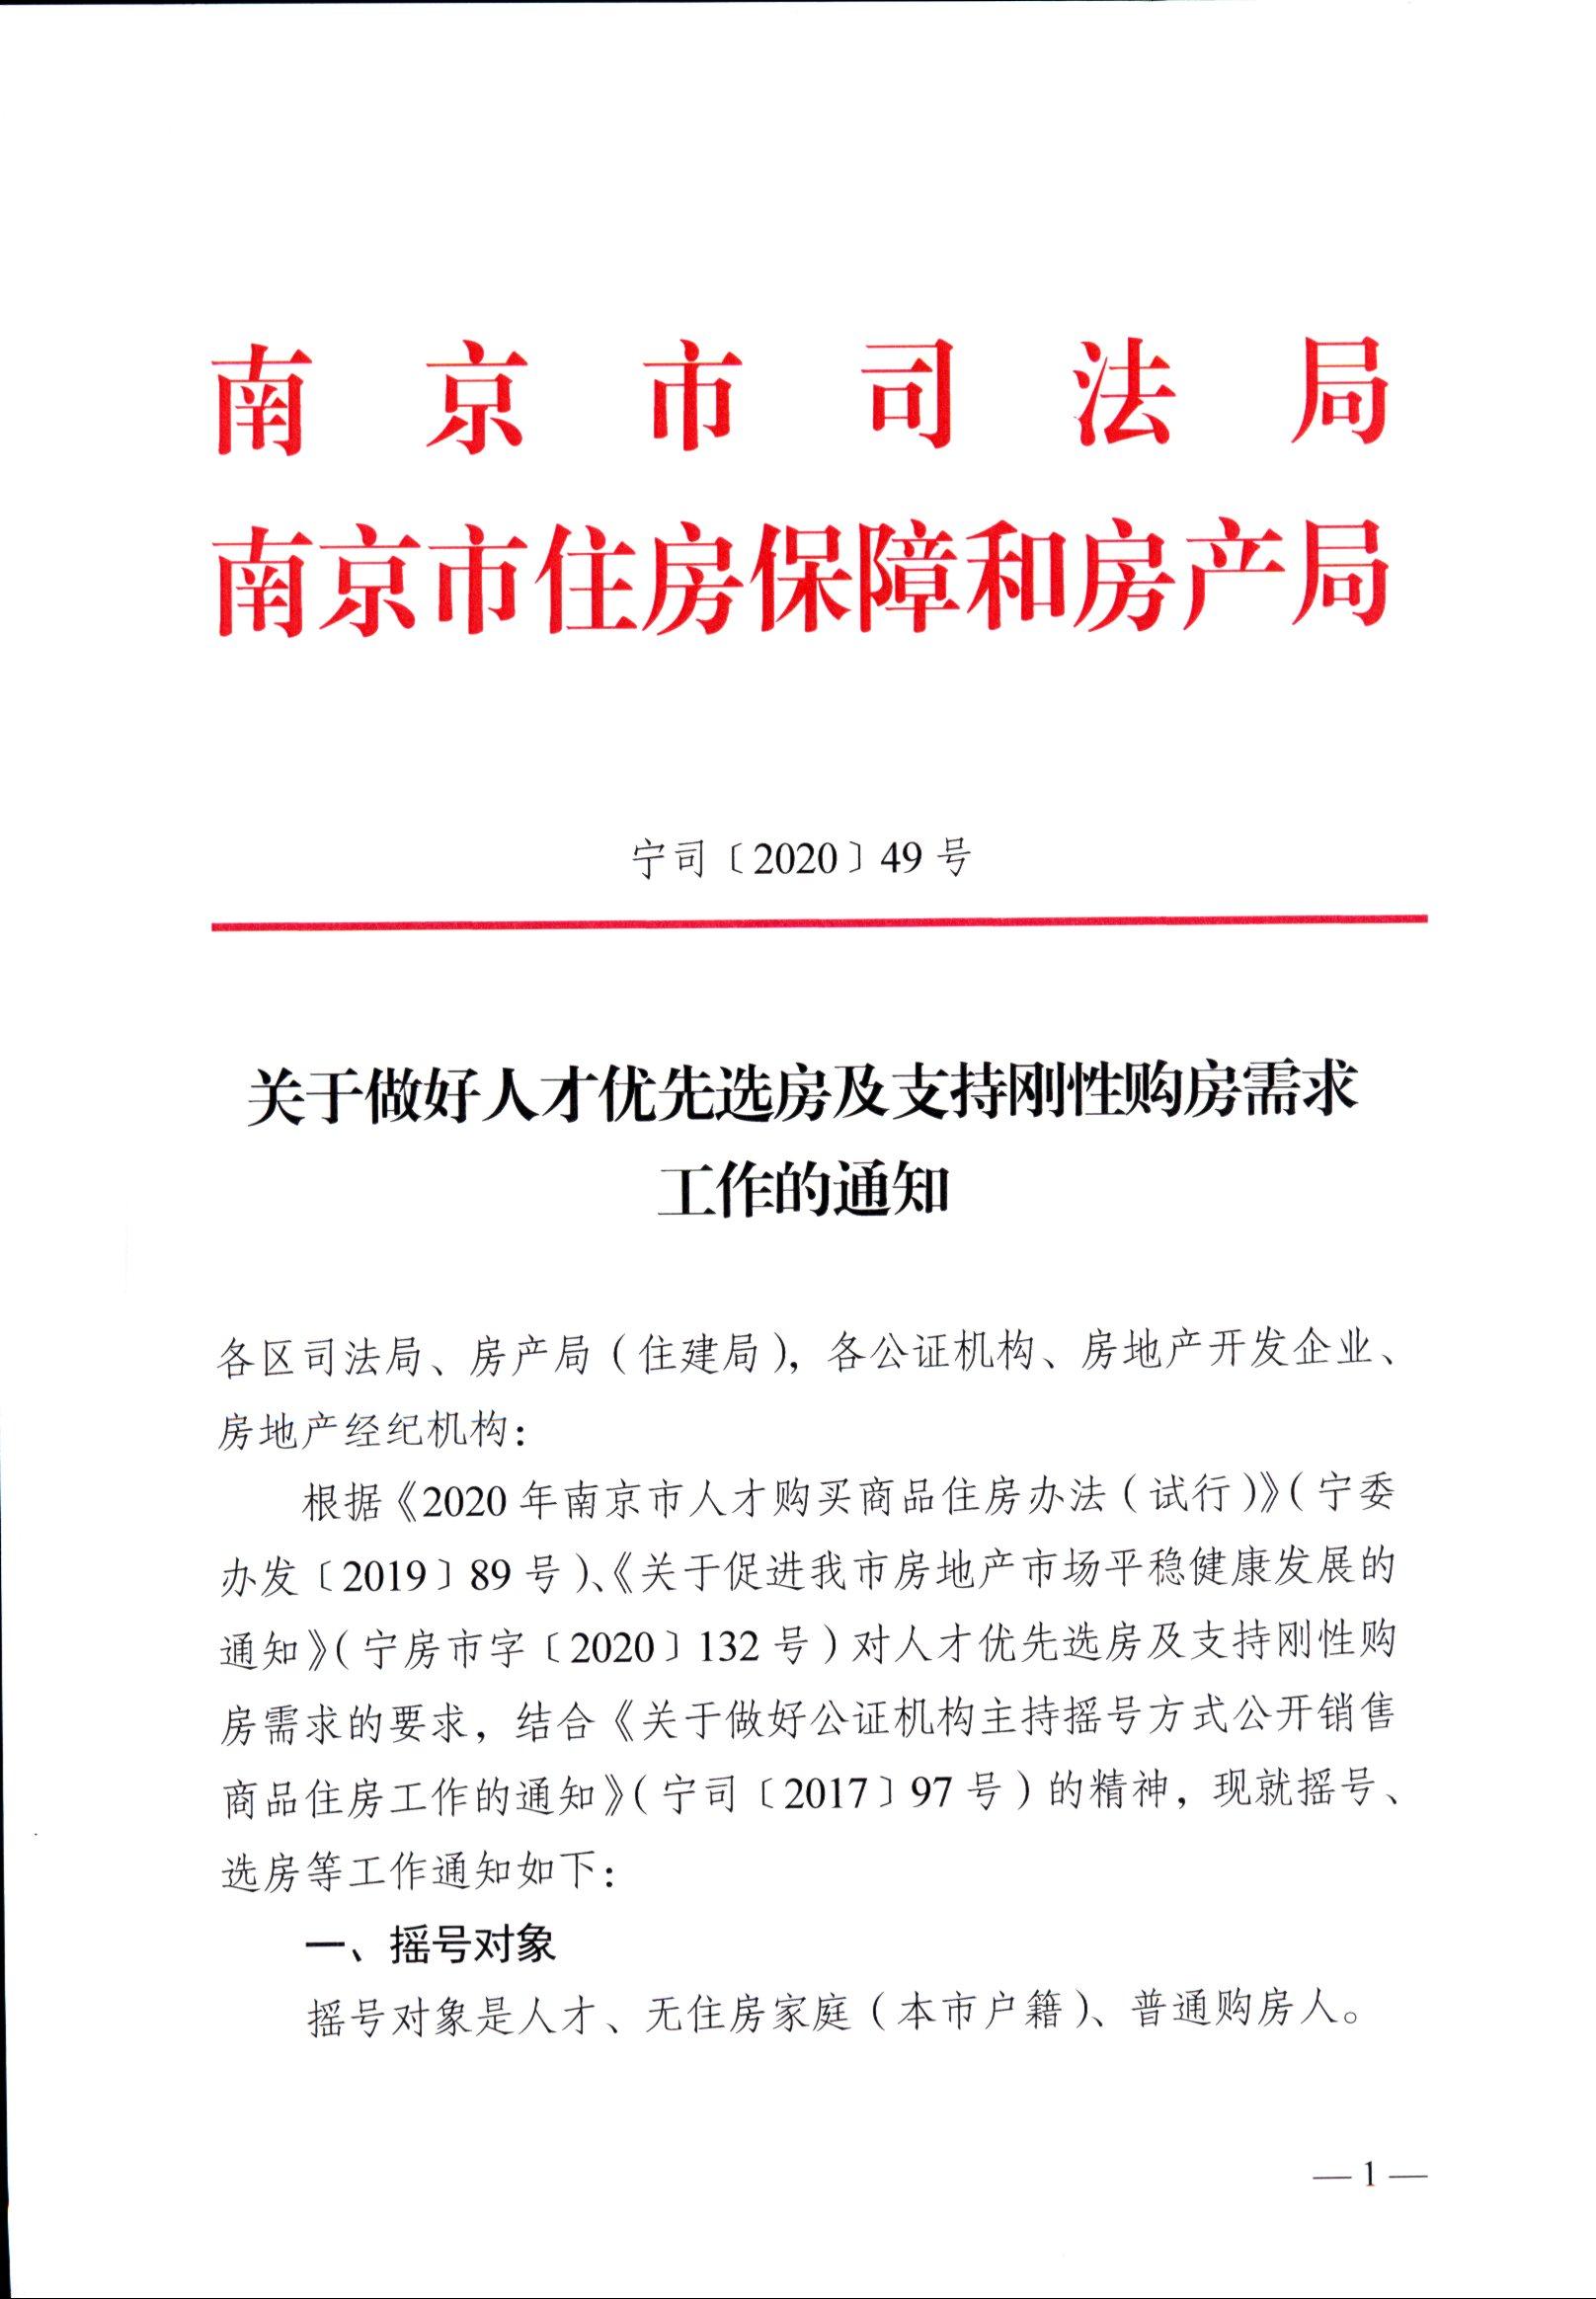 南京摇号购房新规发布 人才优先选房,支持刚需购房-中国网地产